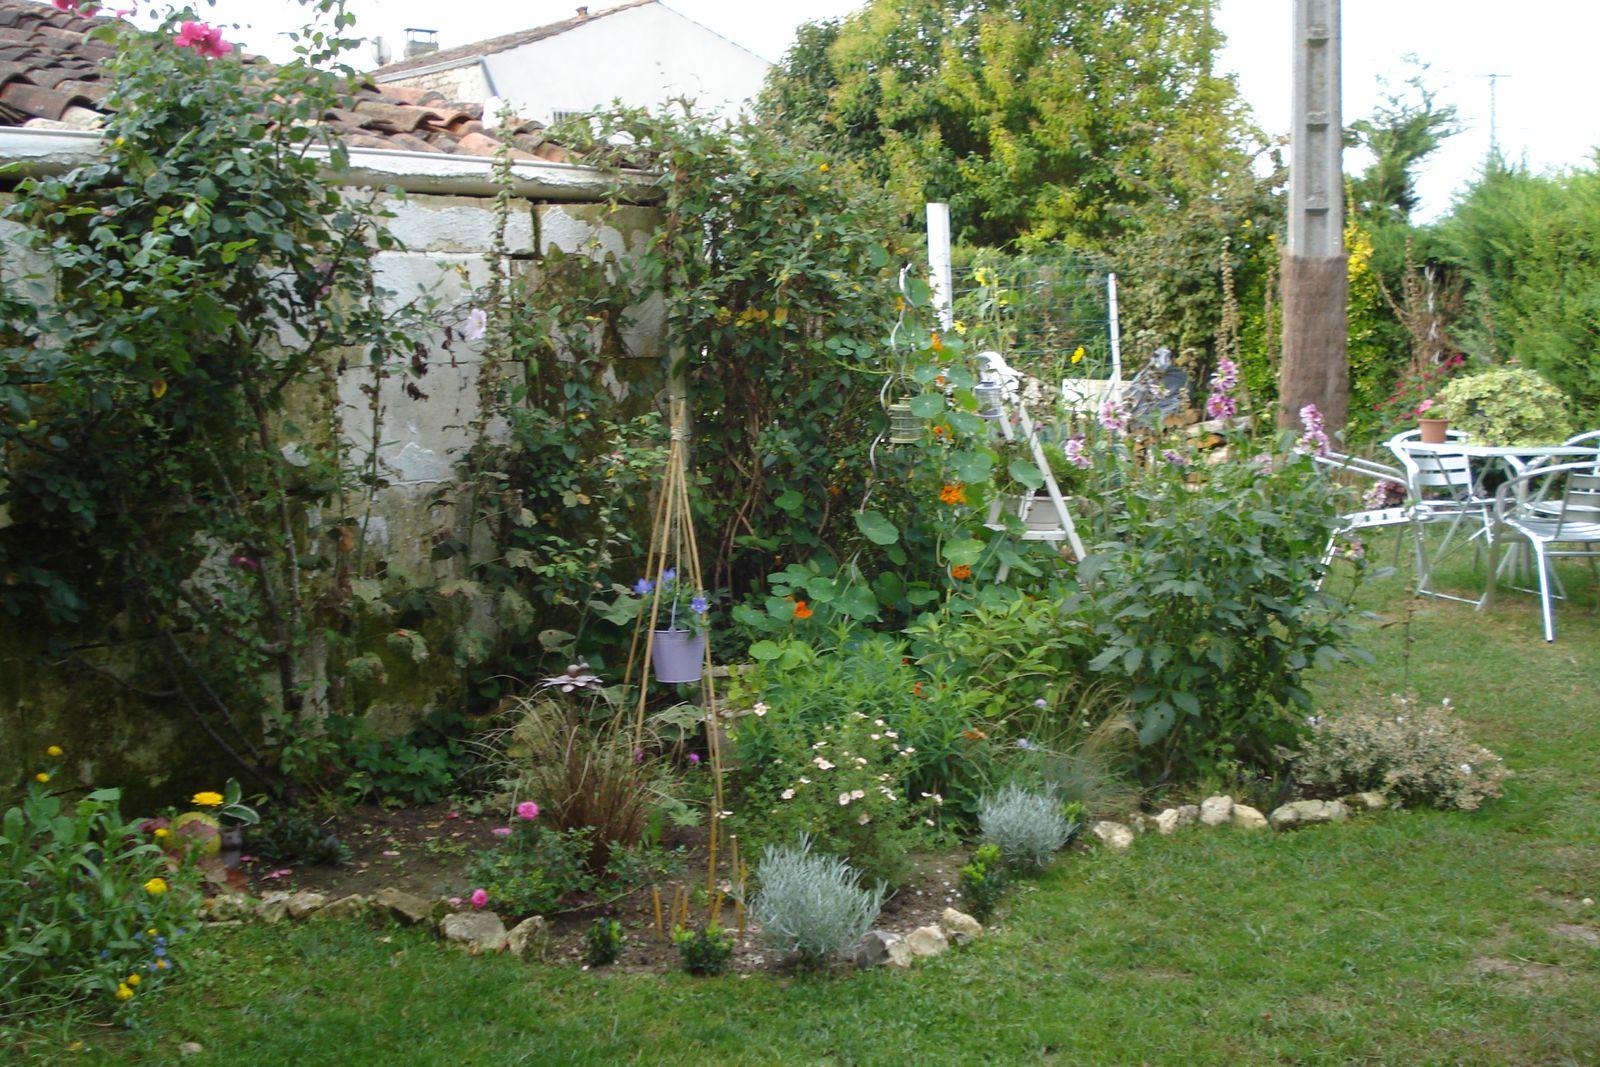 Petit tour matinal du jardin cagouille 39 s garden - Petit jardin culinary arts tours ...